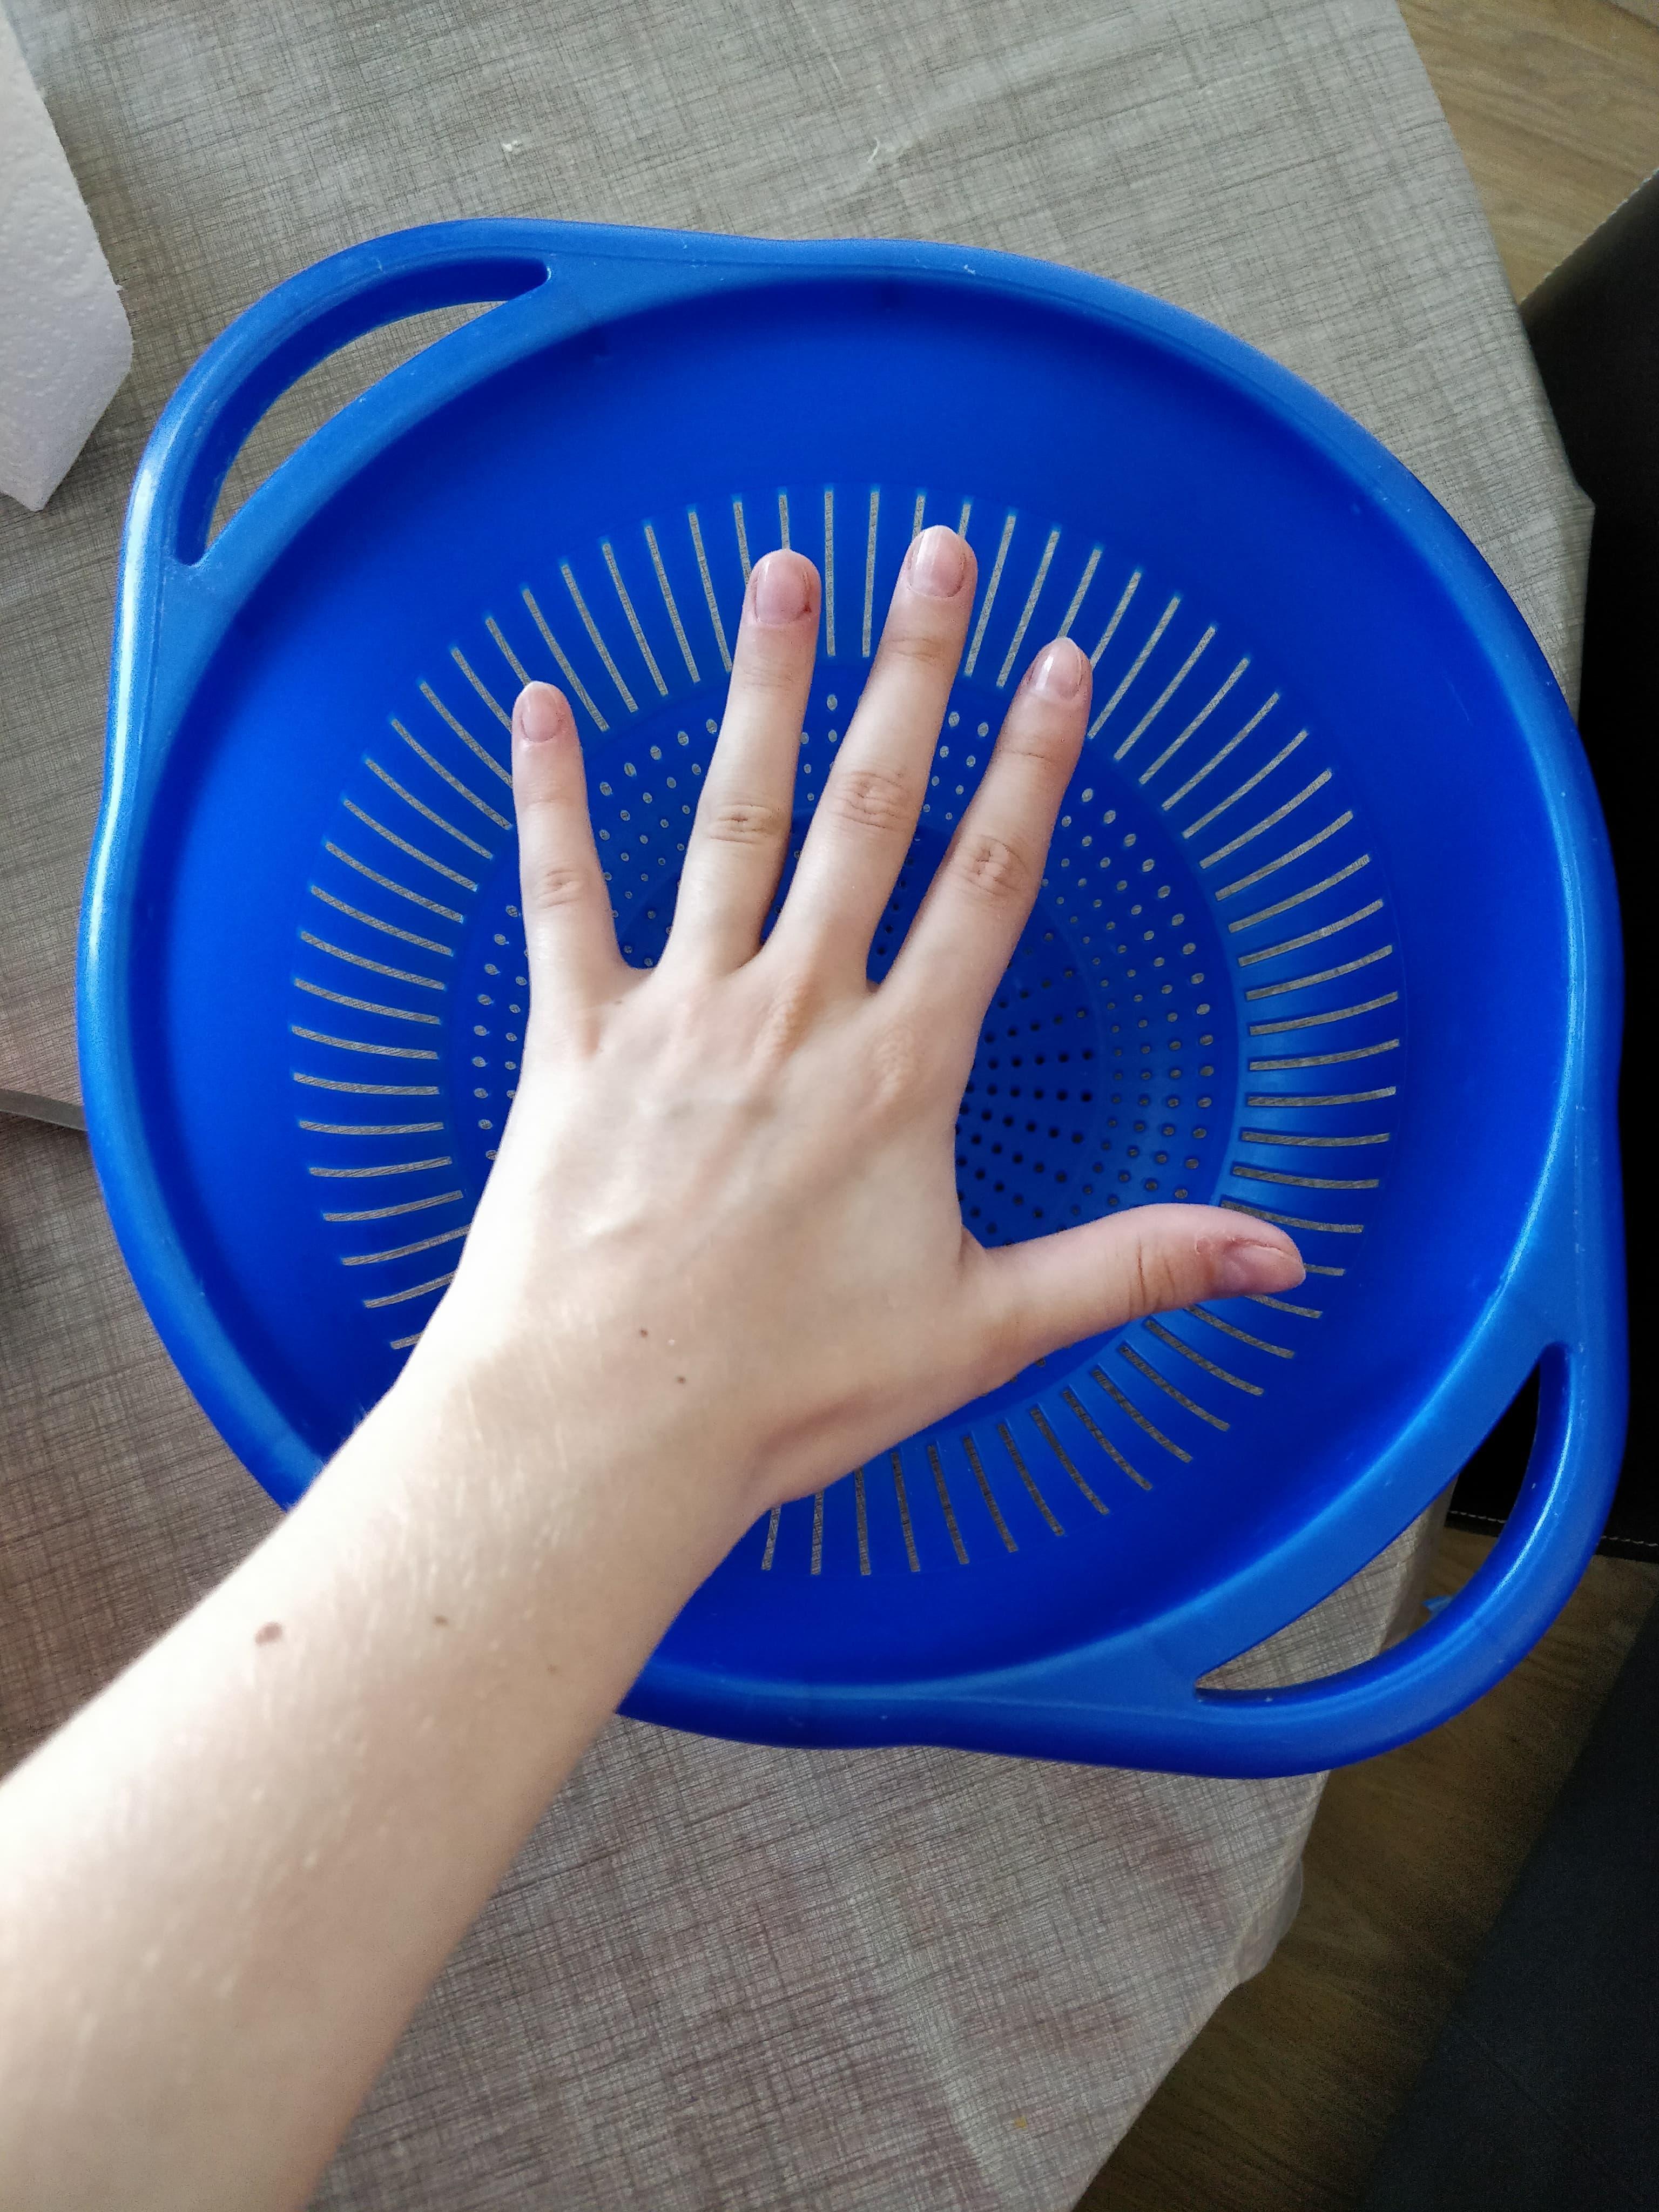 troc de troc grande passoire en plastique bleu image 1